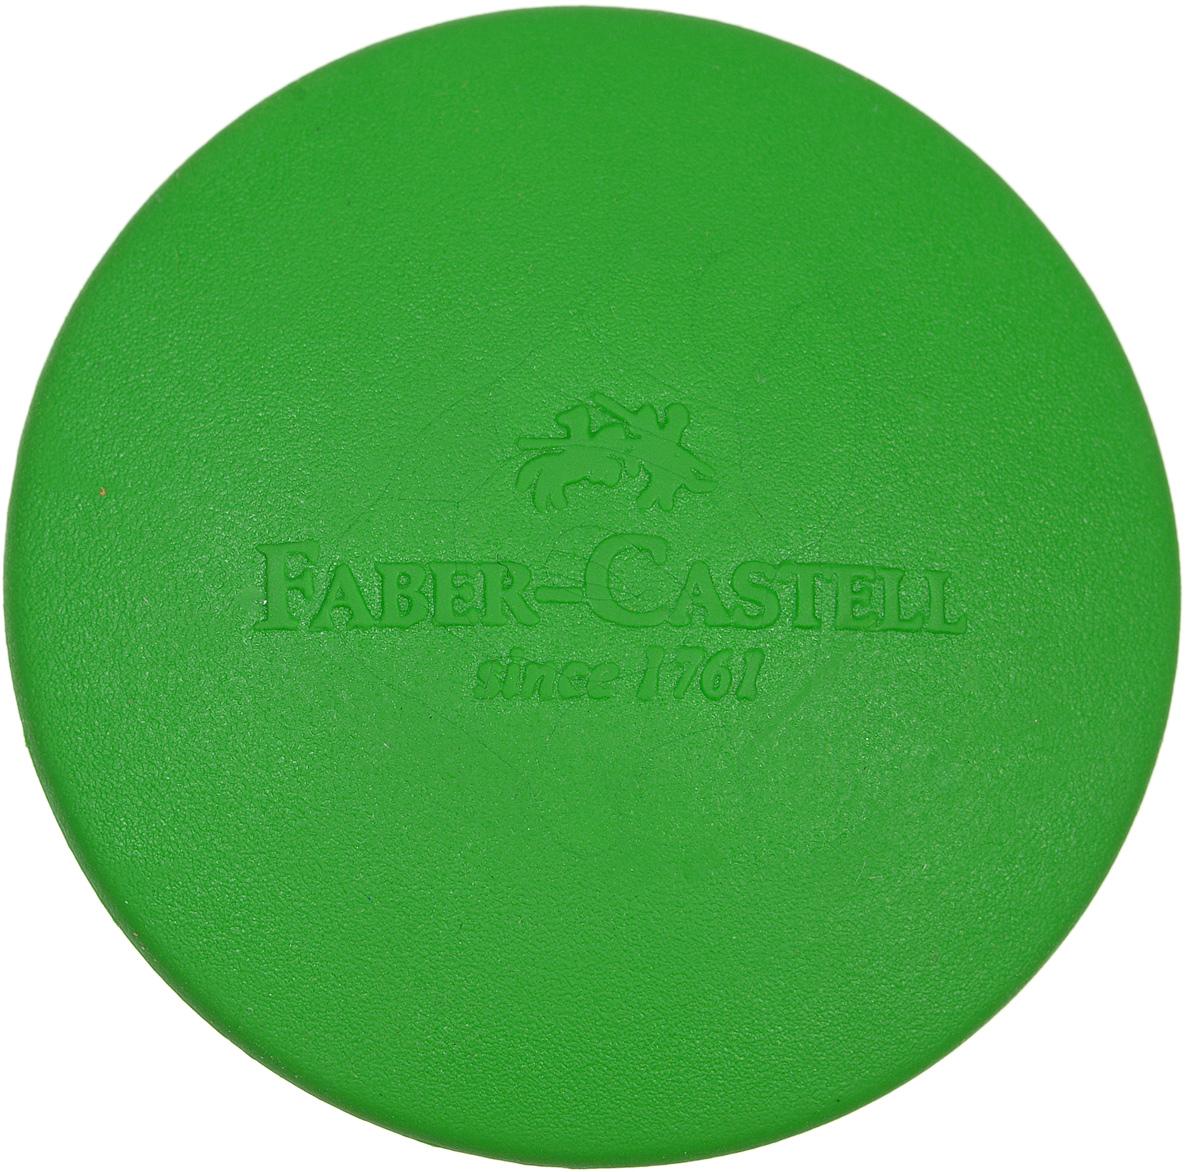 Faber-Castell Ластик цвет зеленый72523WDКруглый ластик Faber-Castell - незаменимый аксессуар на рабочем столе не только школьника или студента, но и офисного работника. Он легко и без следа удаляет надписи, сделанные карандашом. Благодаря удобной форме его комфортно держать в руке.